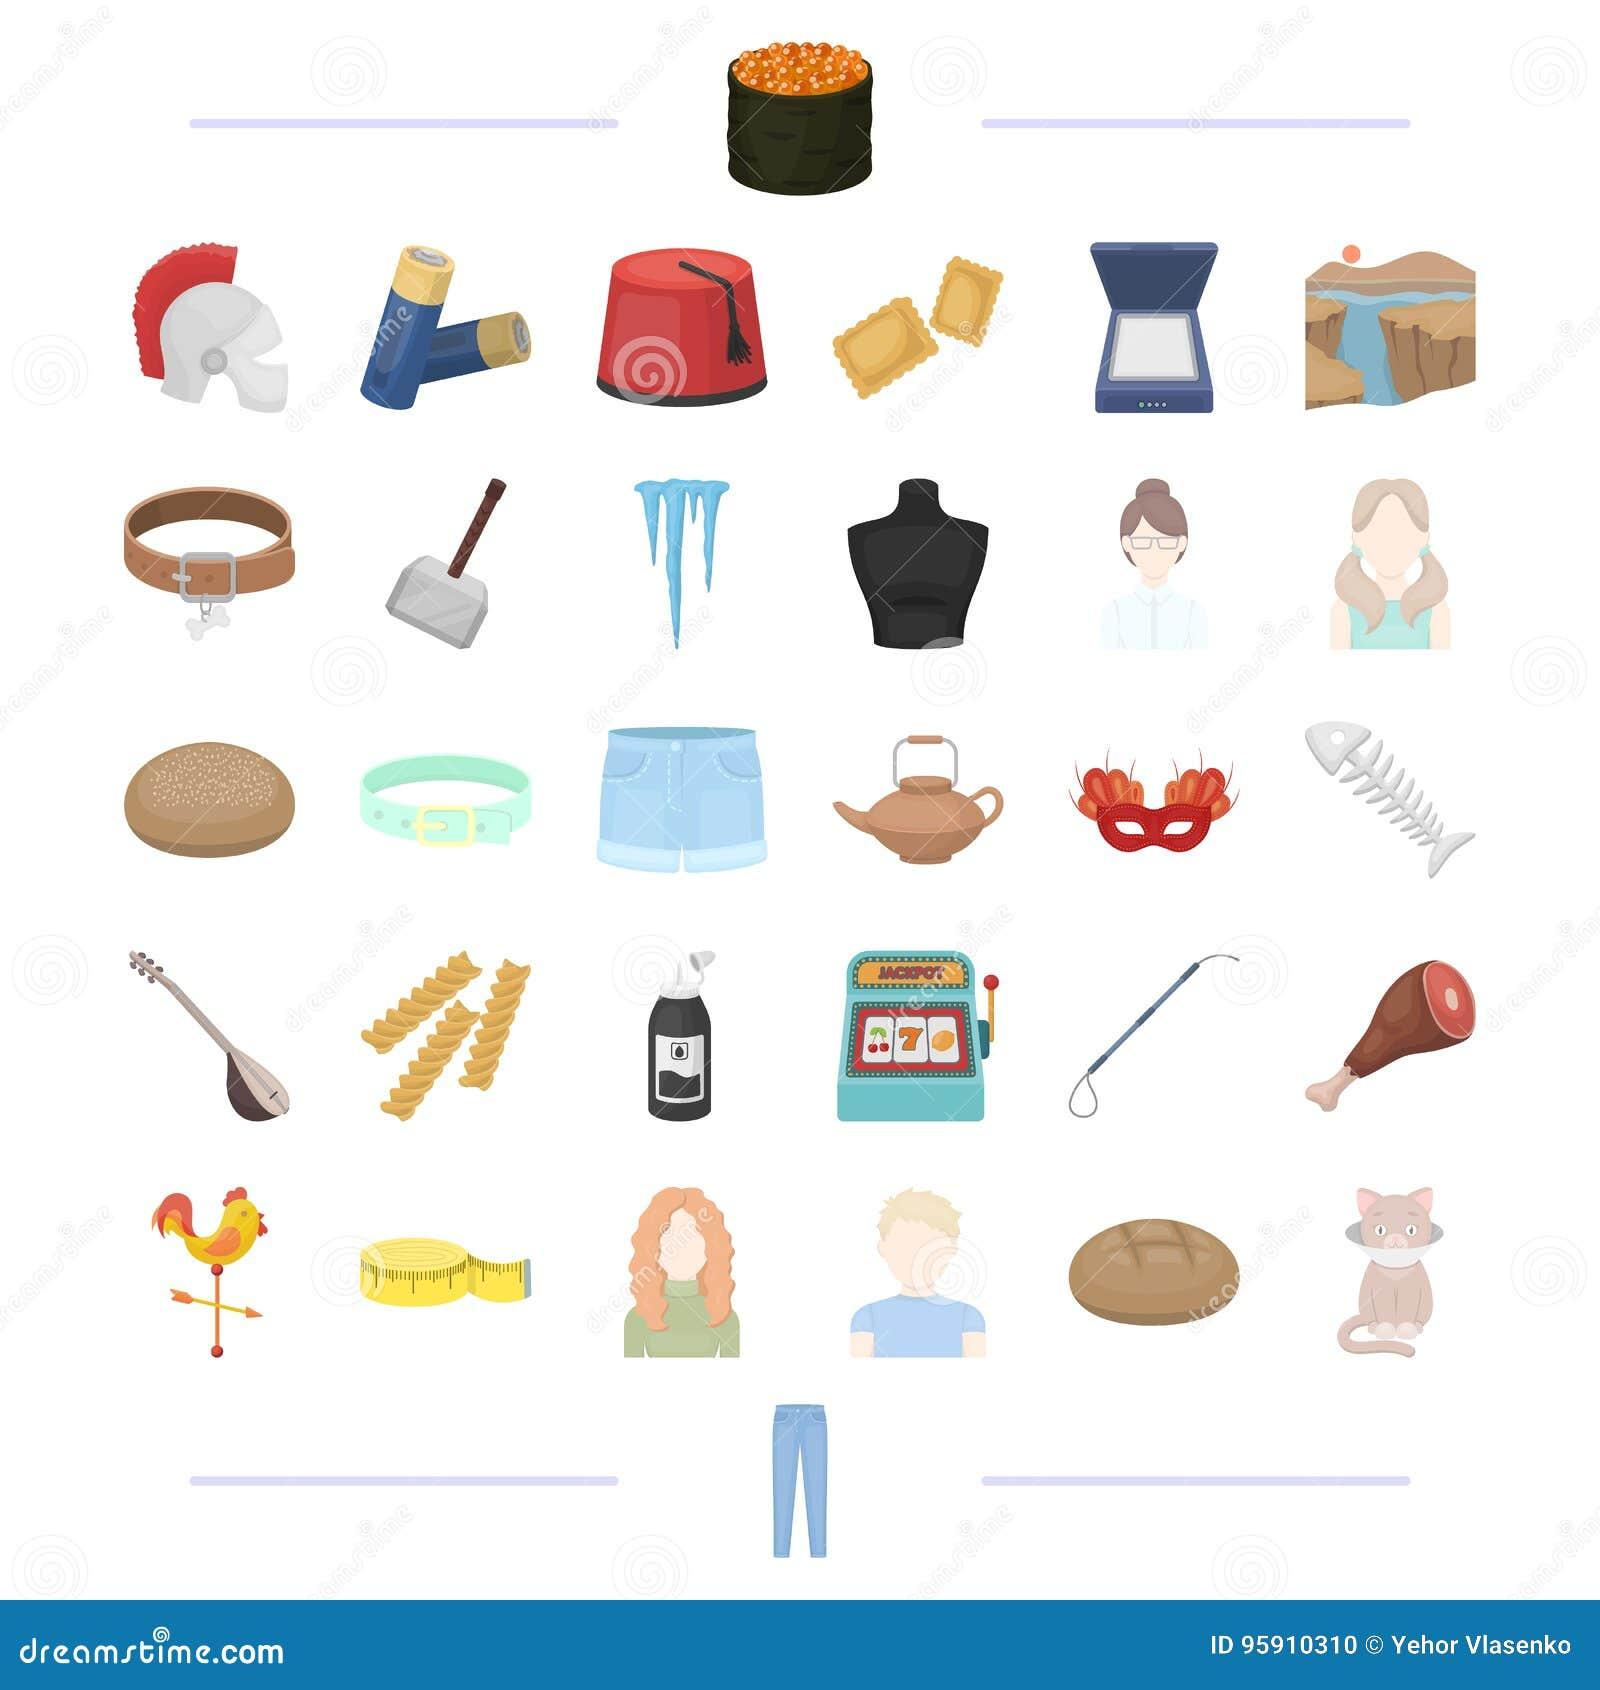 Atelier, возникновение, hairdo и другой значок сети в стиле шаржа инструмент, еда, оборудование, значки перемещения в собрании ко